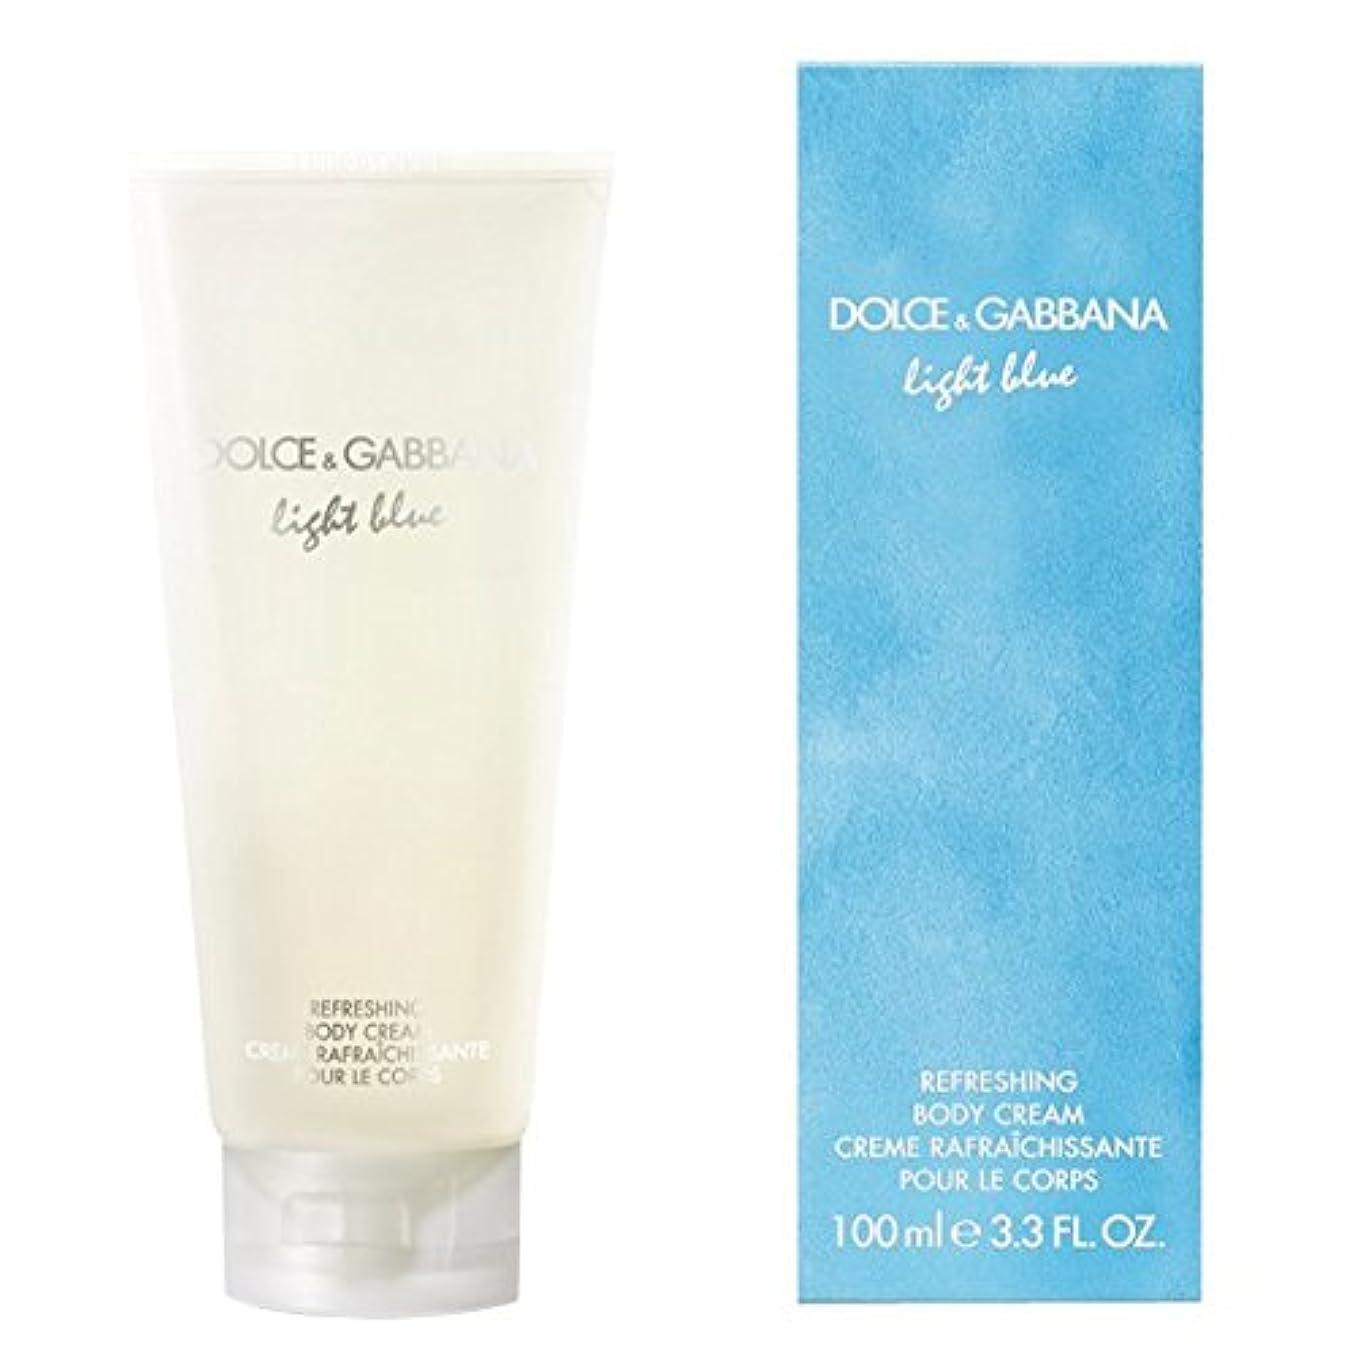 発揮する柱十分ですドルチェ&ガッバーナライトブルーの爽やかなボディクリーム200ミリリットル (Dolce & Gabbana) (x2) - Dolce & Gabbana Light Blue Refreshing Body Cream...